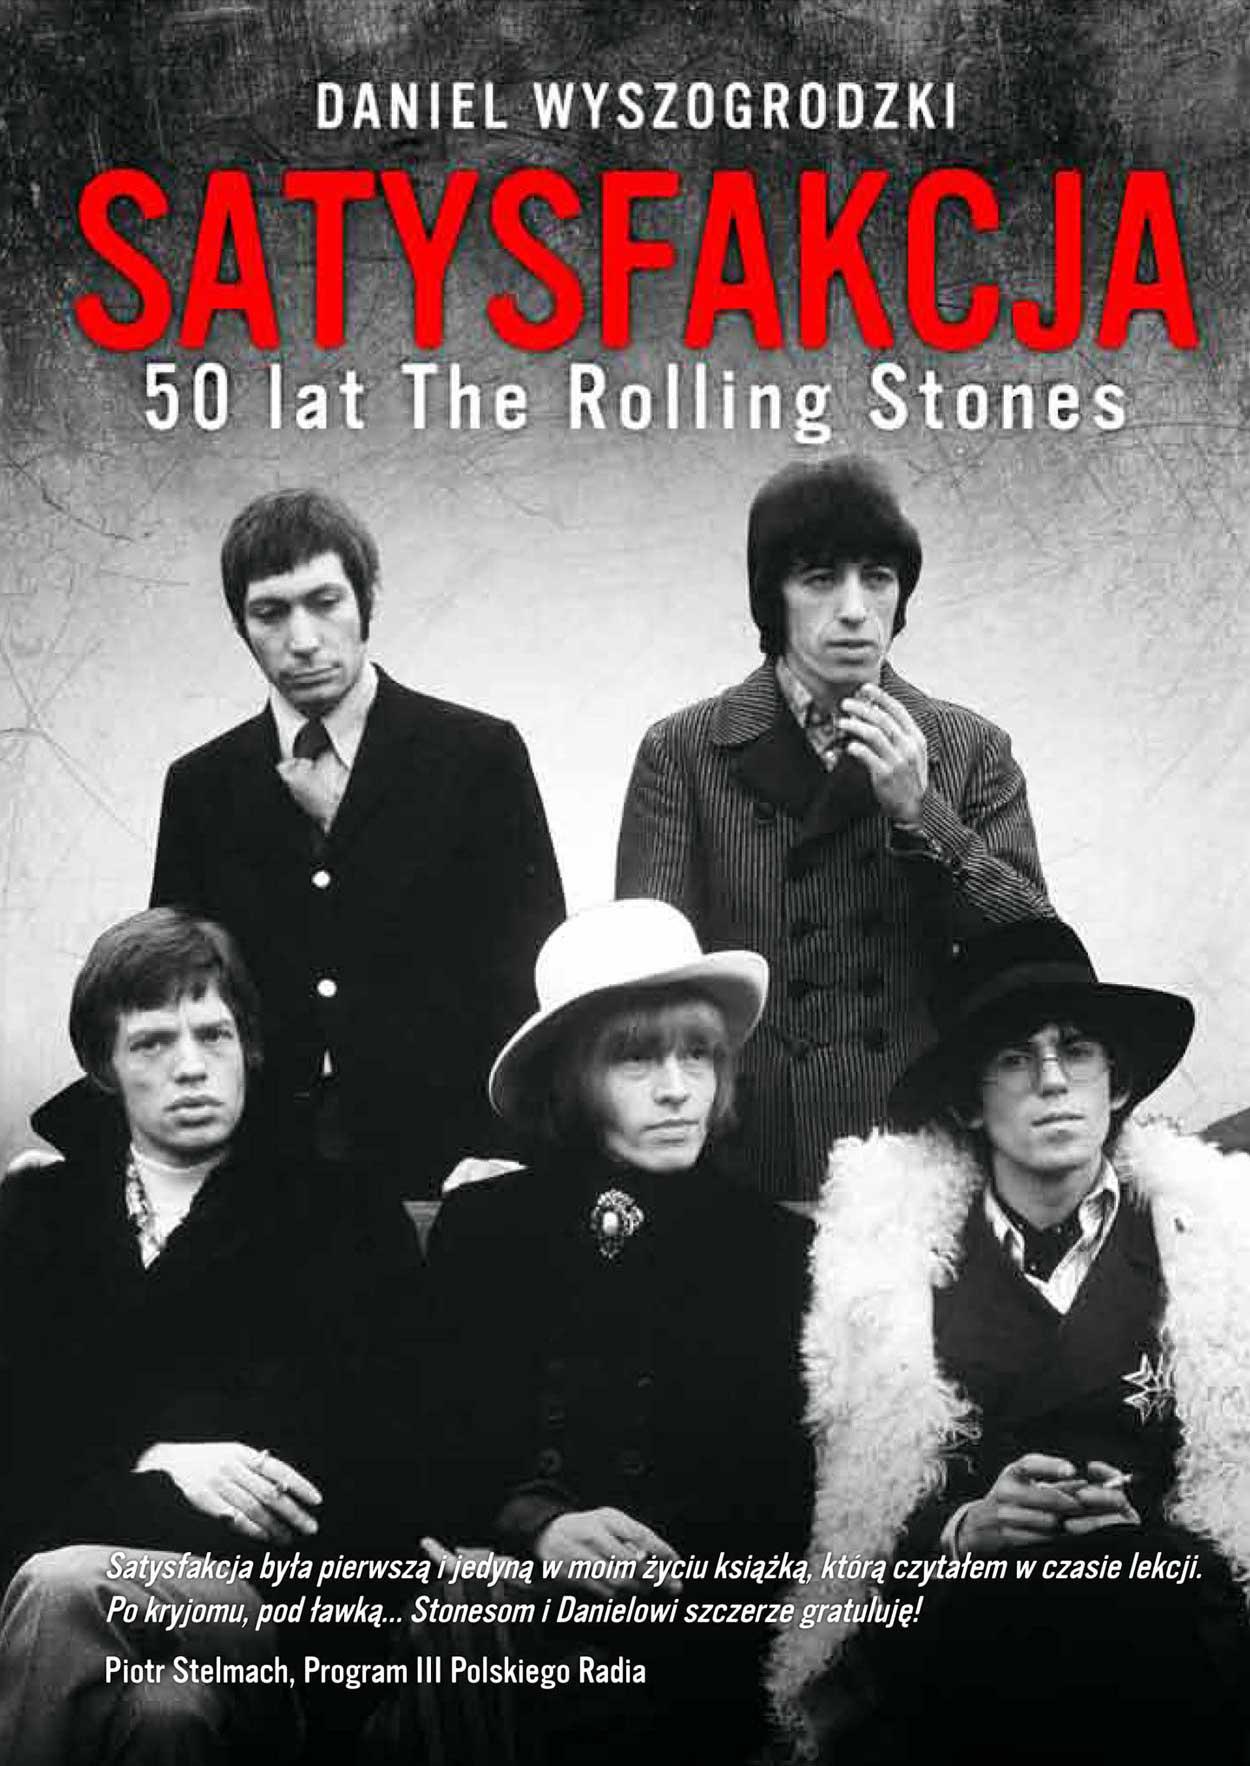 SATYSFAKCJA - 50 lat The Rolling Stones